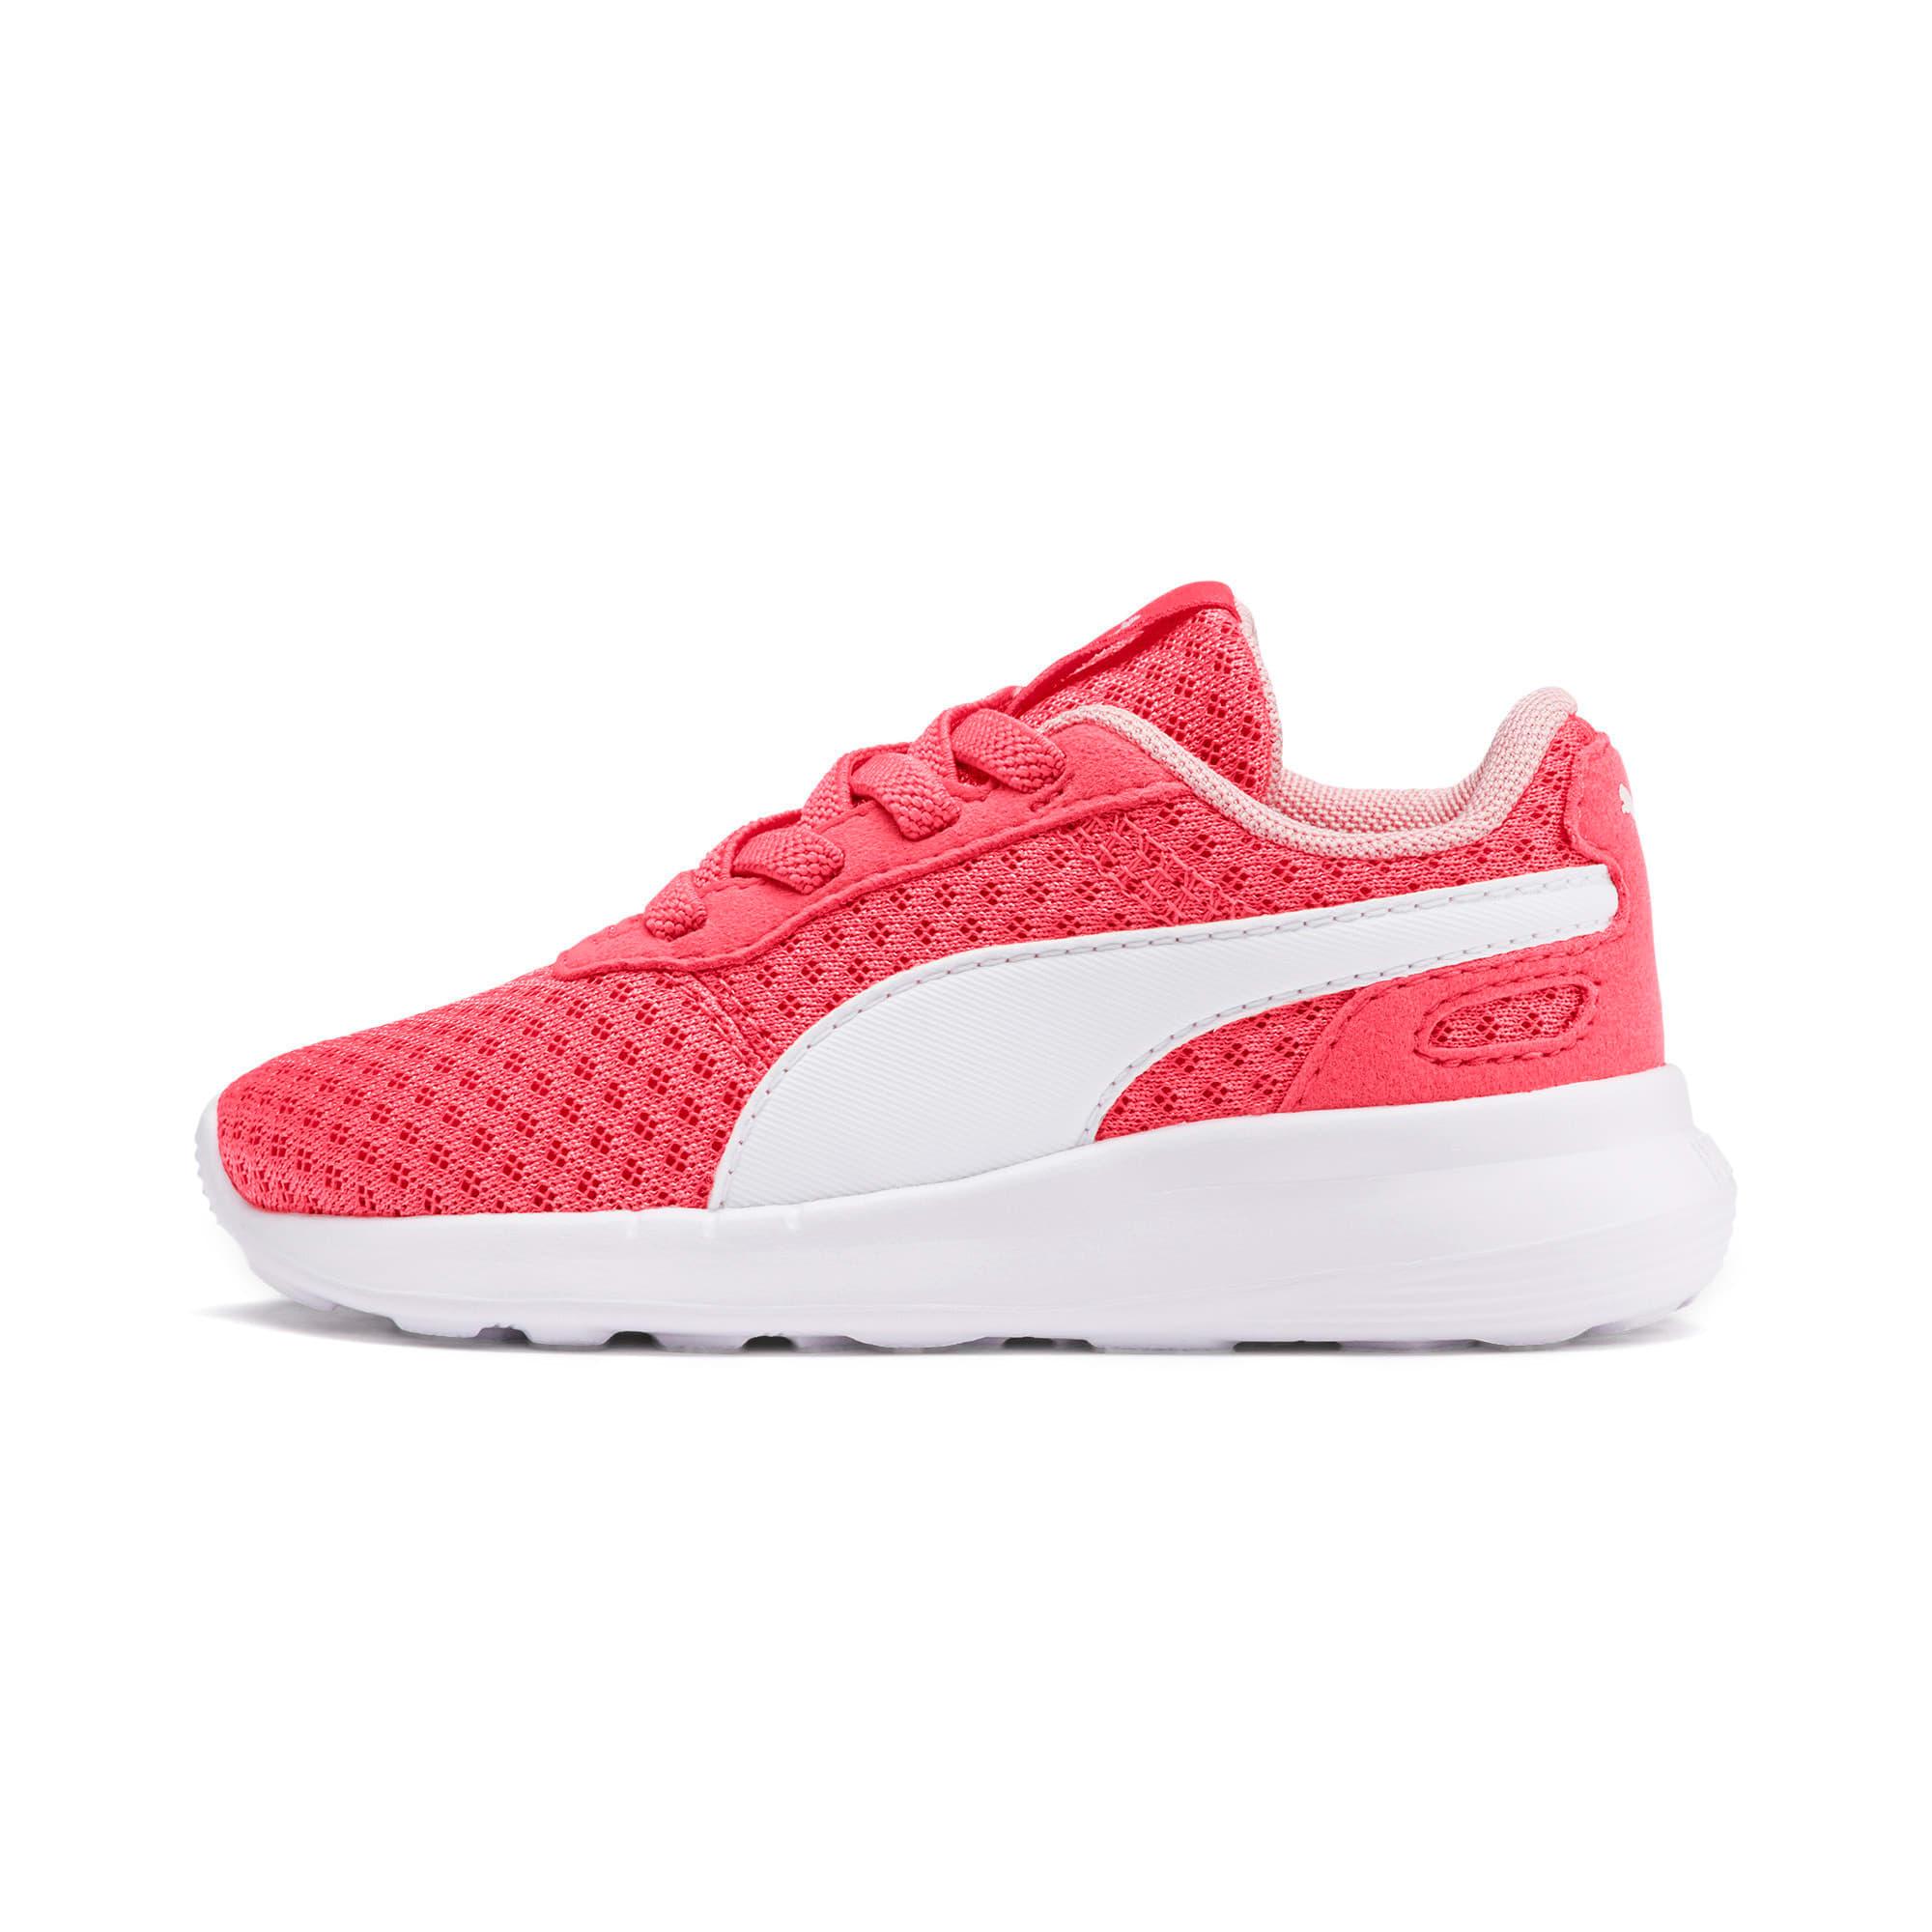 Miniatura 1 de Zapatos ST Activate AC para bebé, Calypso Coral-Puma White, mediano